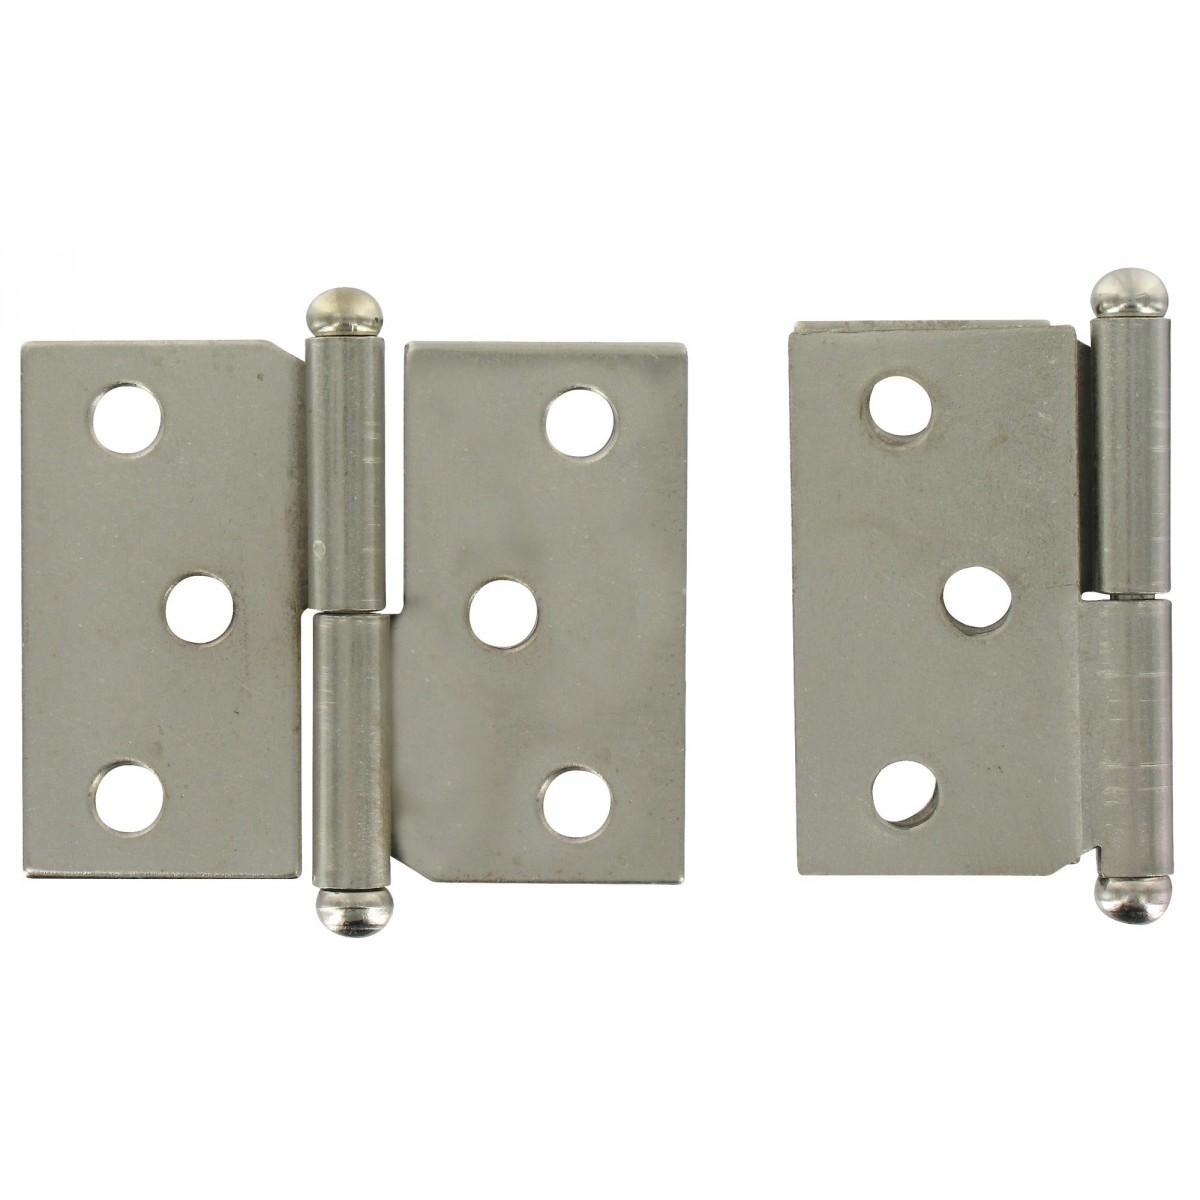 Paumelle de meuble acier nickelé PVM - Droite - Hauteur 40 mm - Largeur 50 mm - Vendu par 2